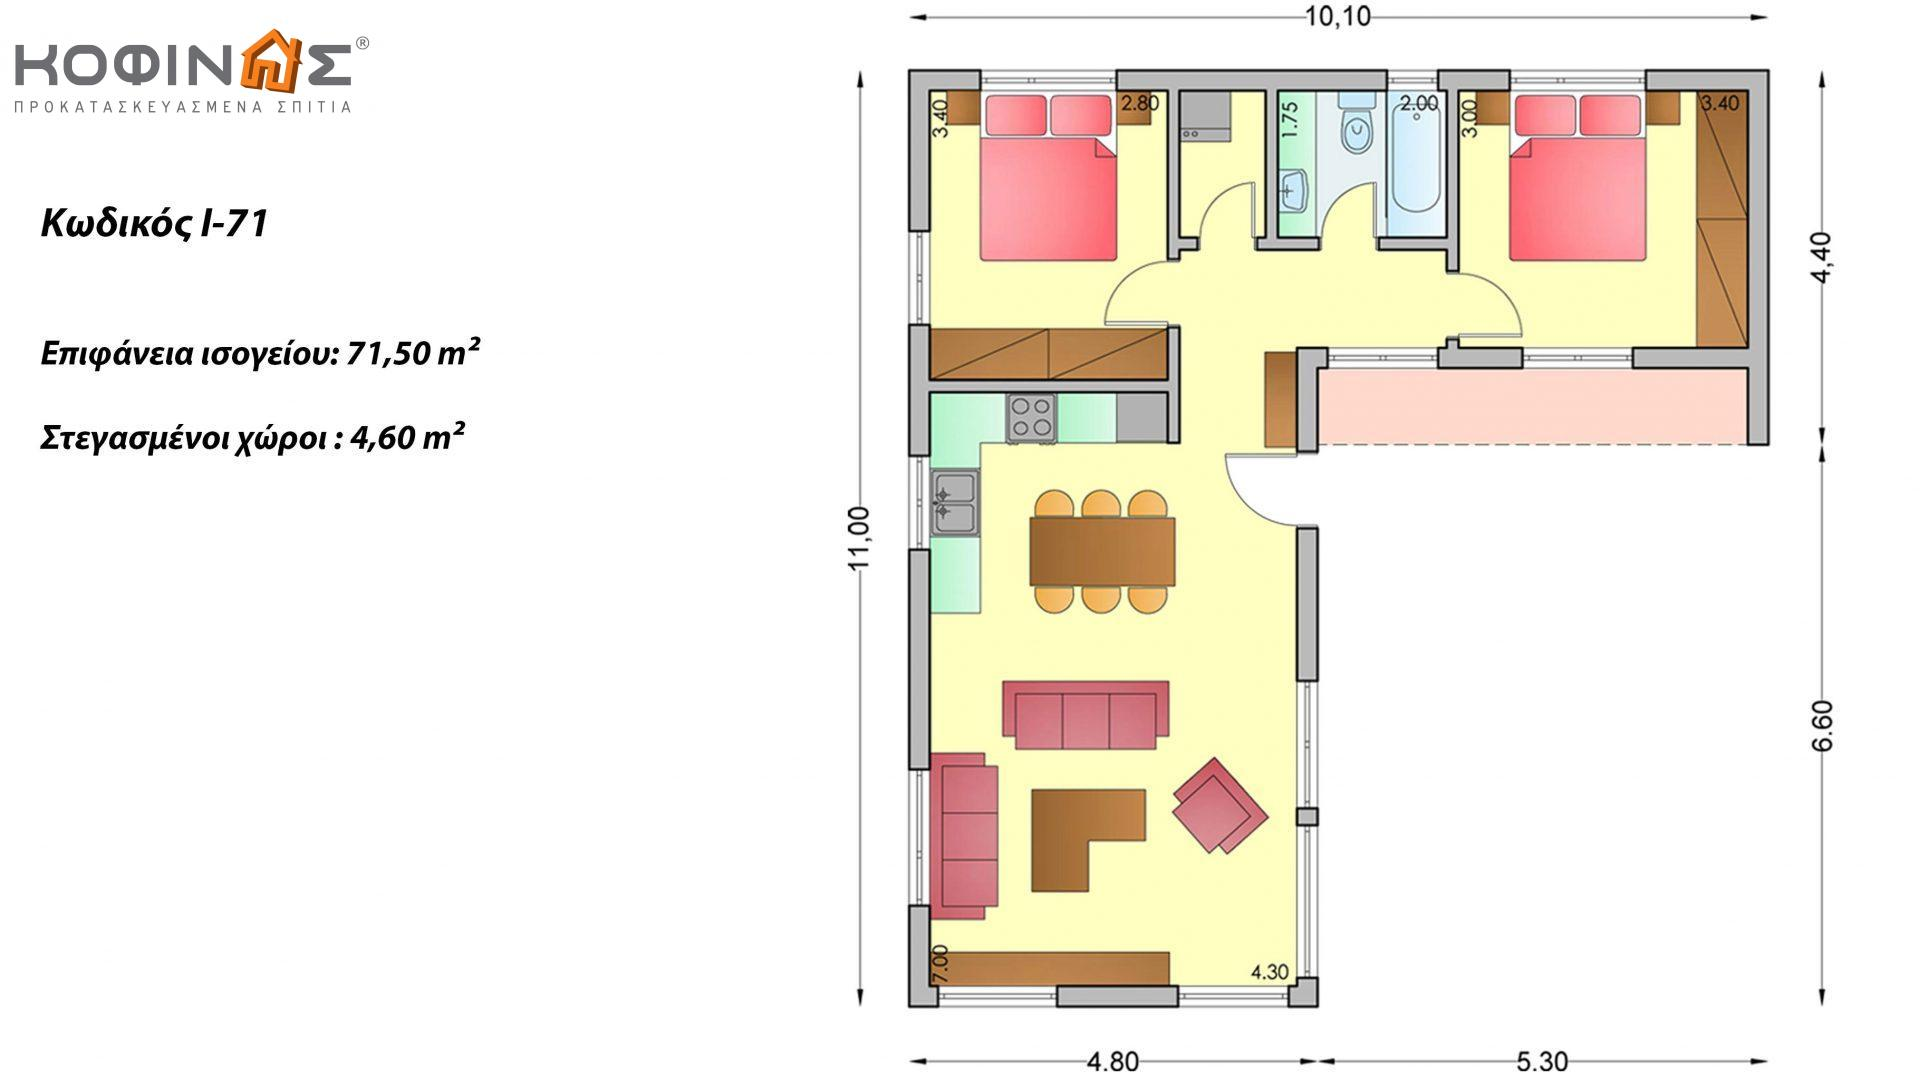 Ισόγεια Κατοικία I-71 συνολικής επιφάνειας 71,50 τ.μ., στεγασμένοι χώροι 4,60 τ.μ